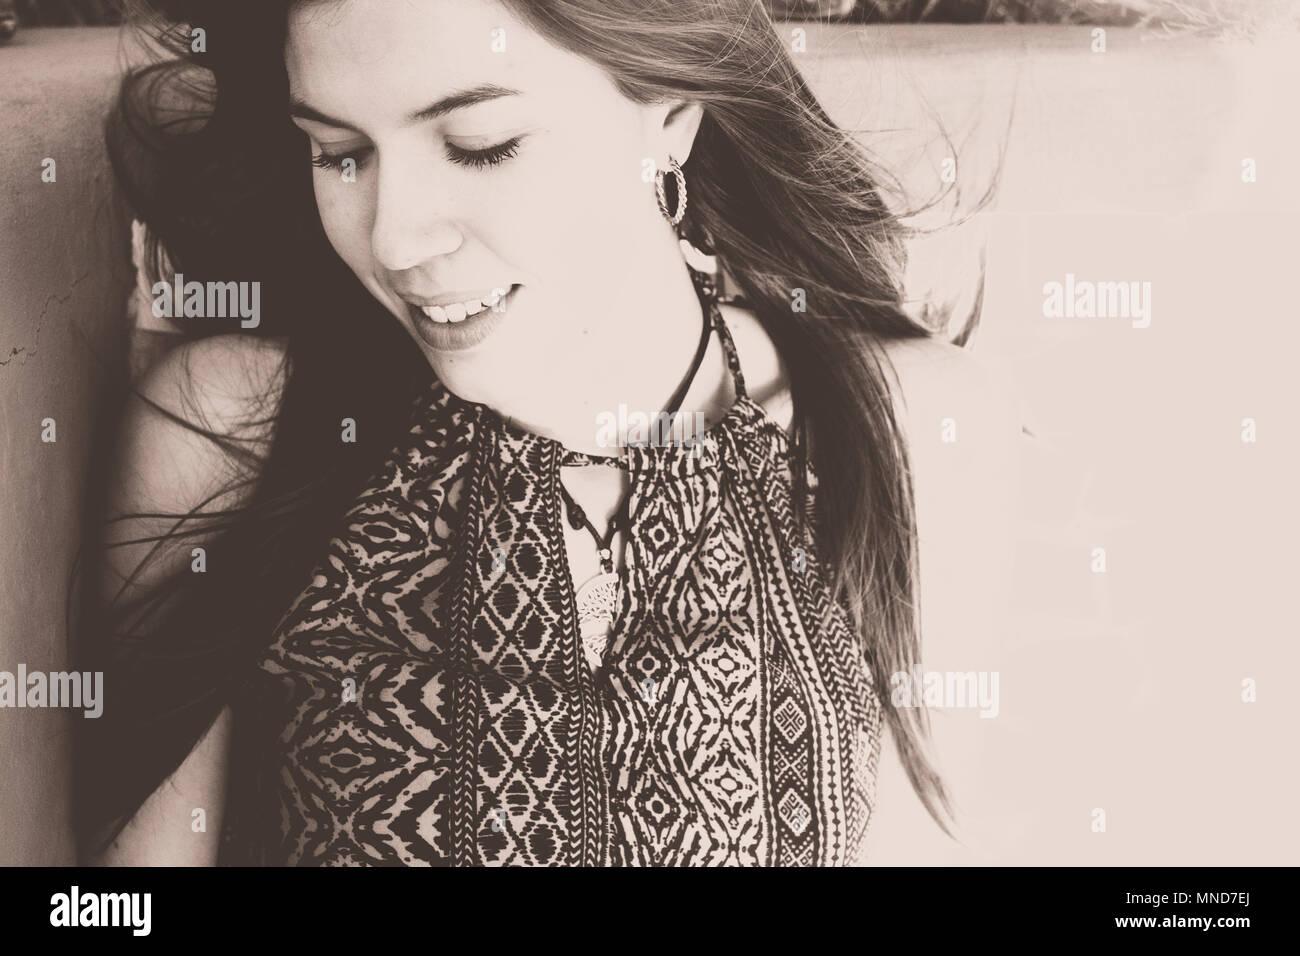 Bonita mujer joven en un retrato de cerca, el pelo largo y hermoso rostro. Filtro Vintage Imagen De Stock